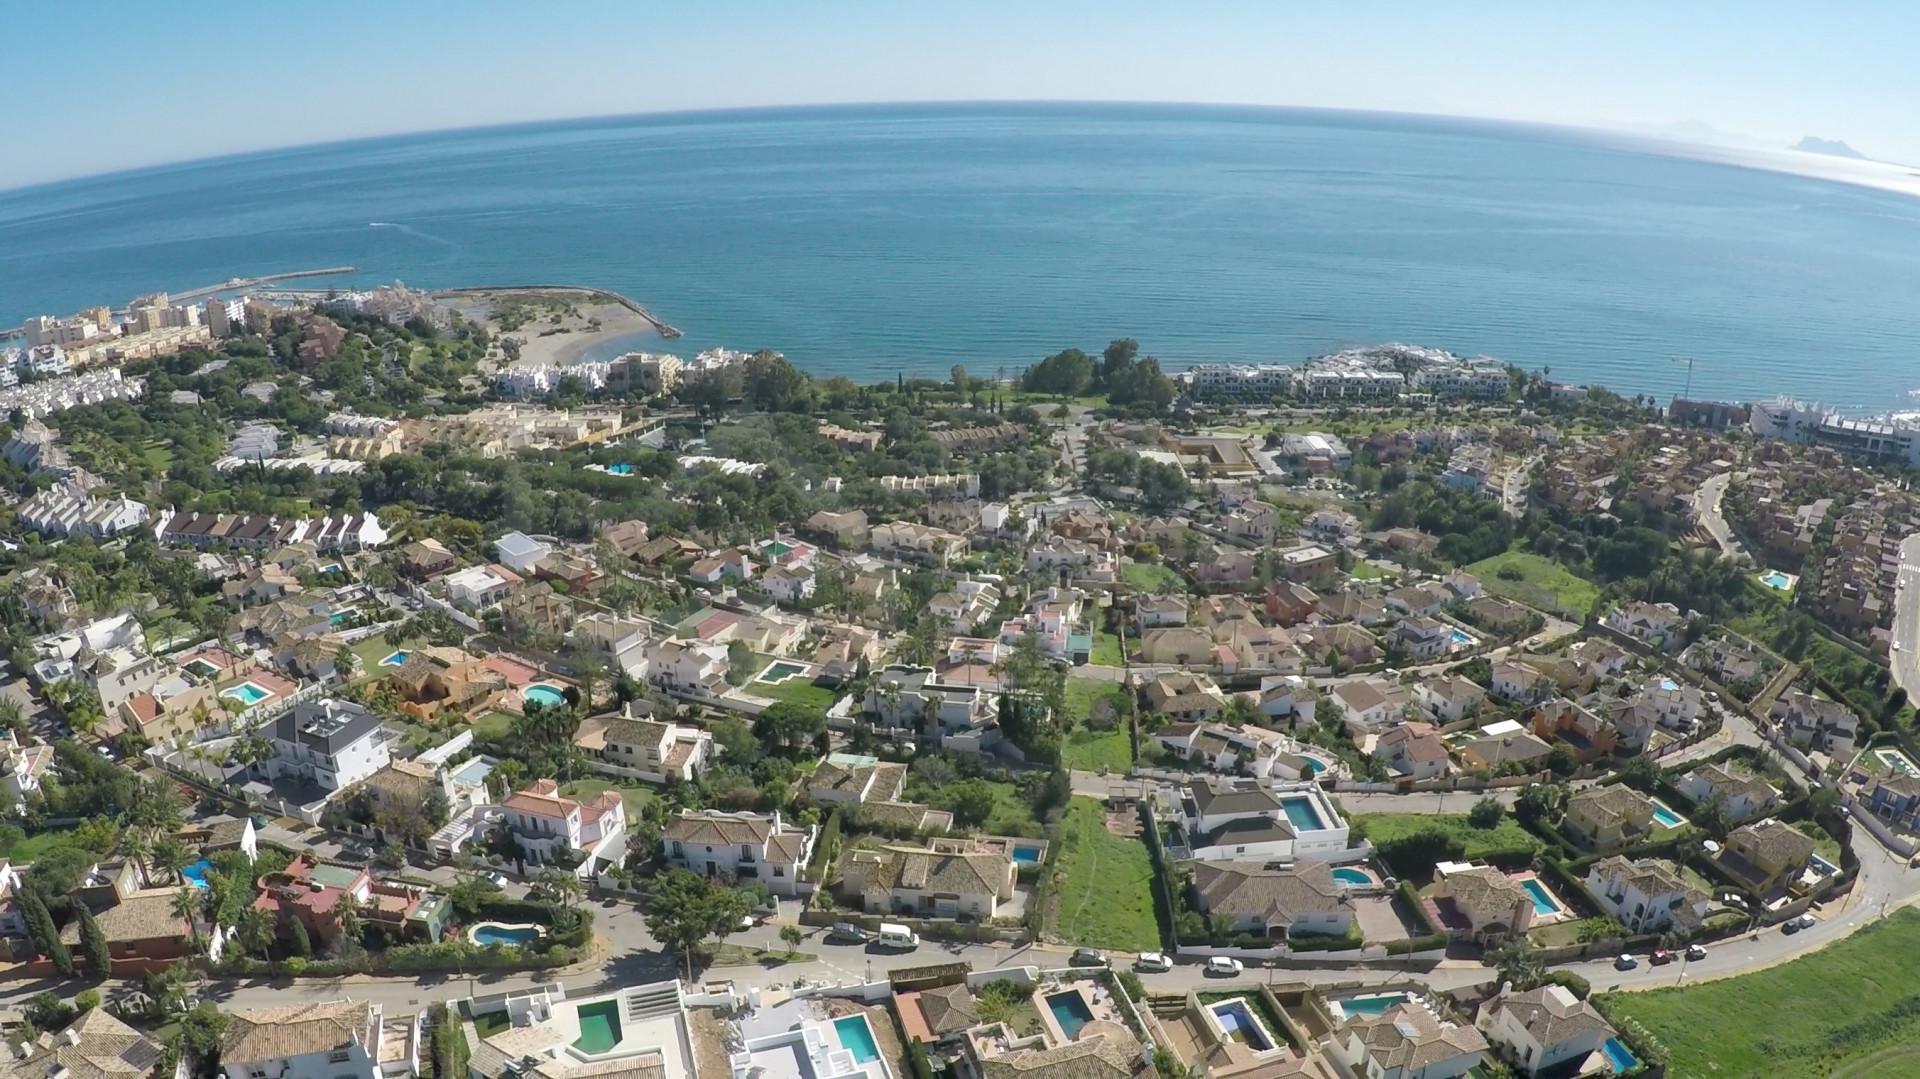 5 bedroom villa with sea views for sale in Seghers, Estepona